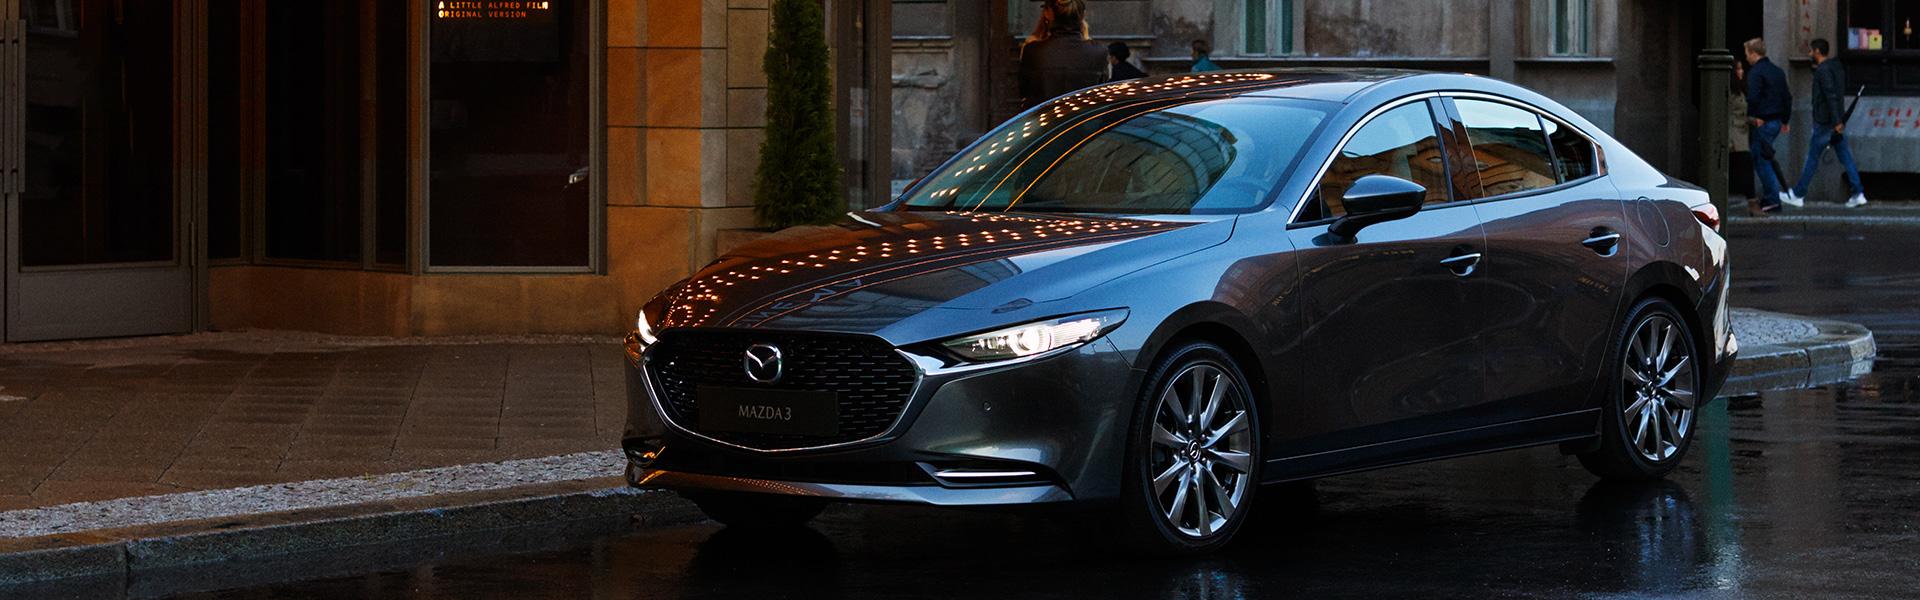 Ảnh ngoại thất Mazda 3-1